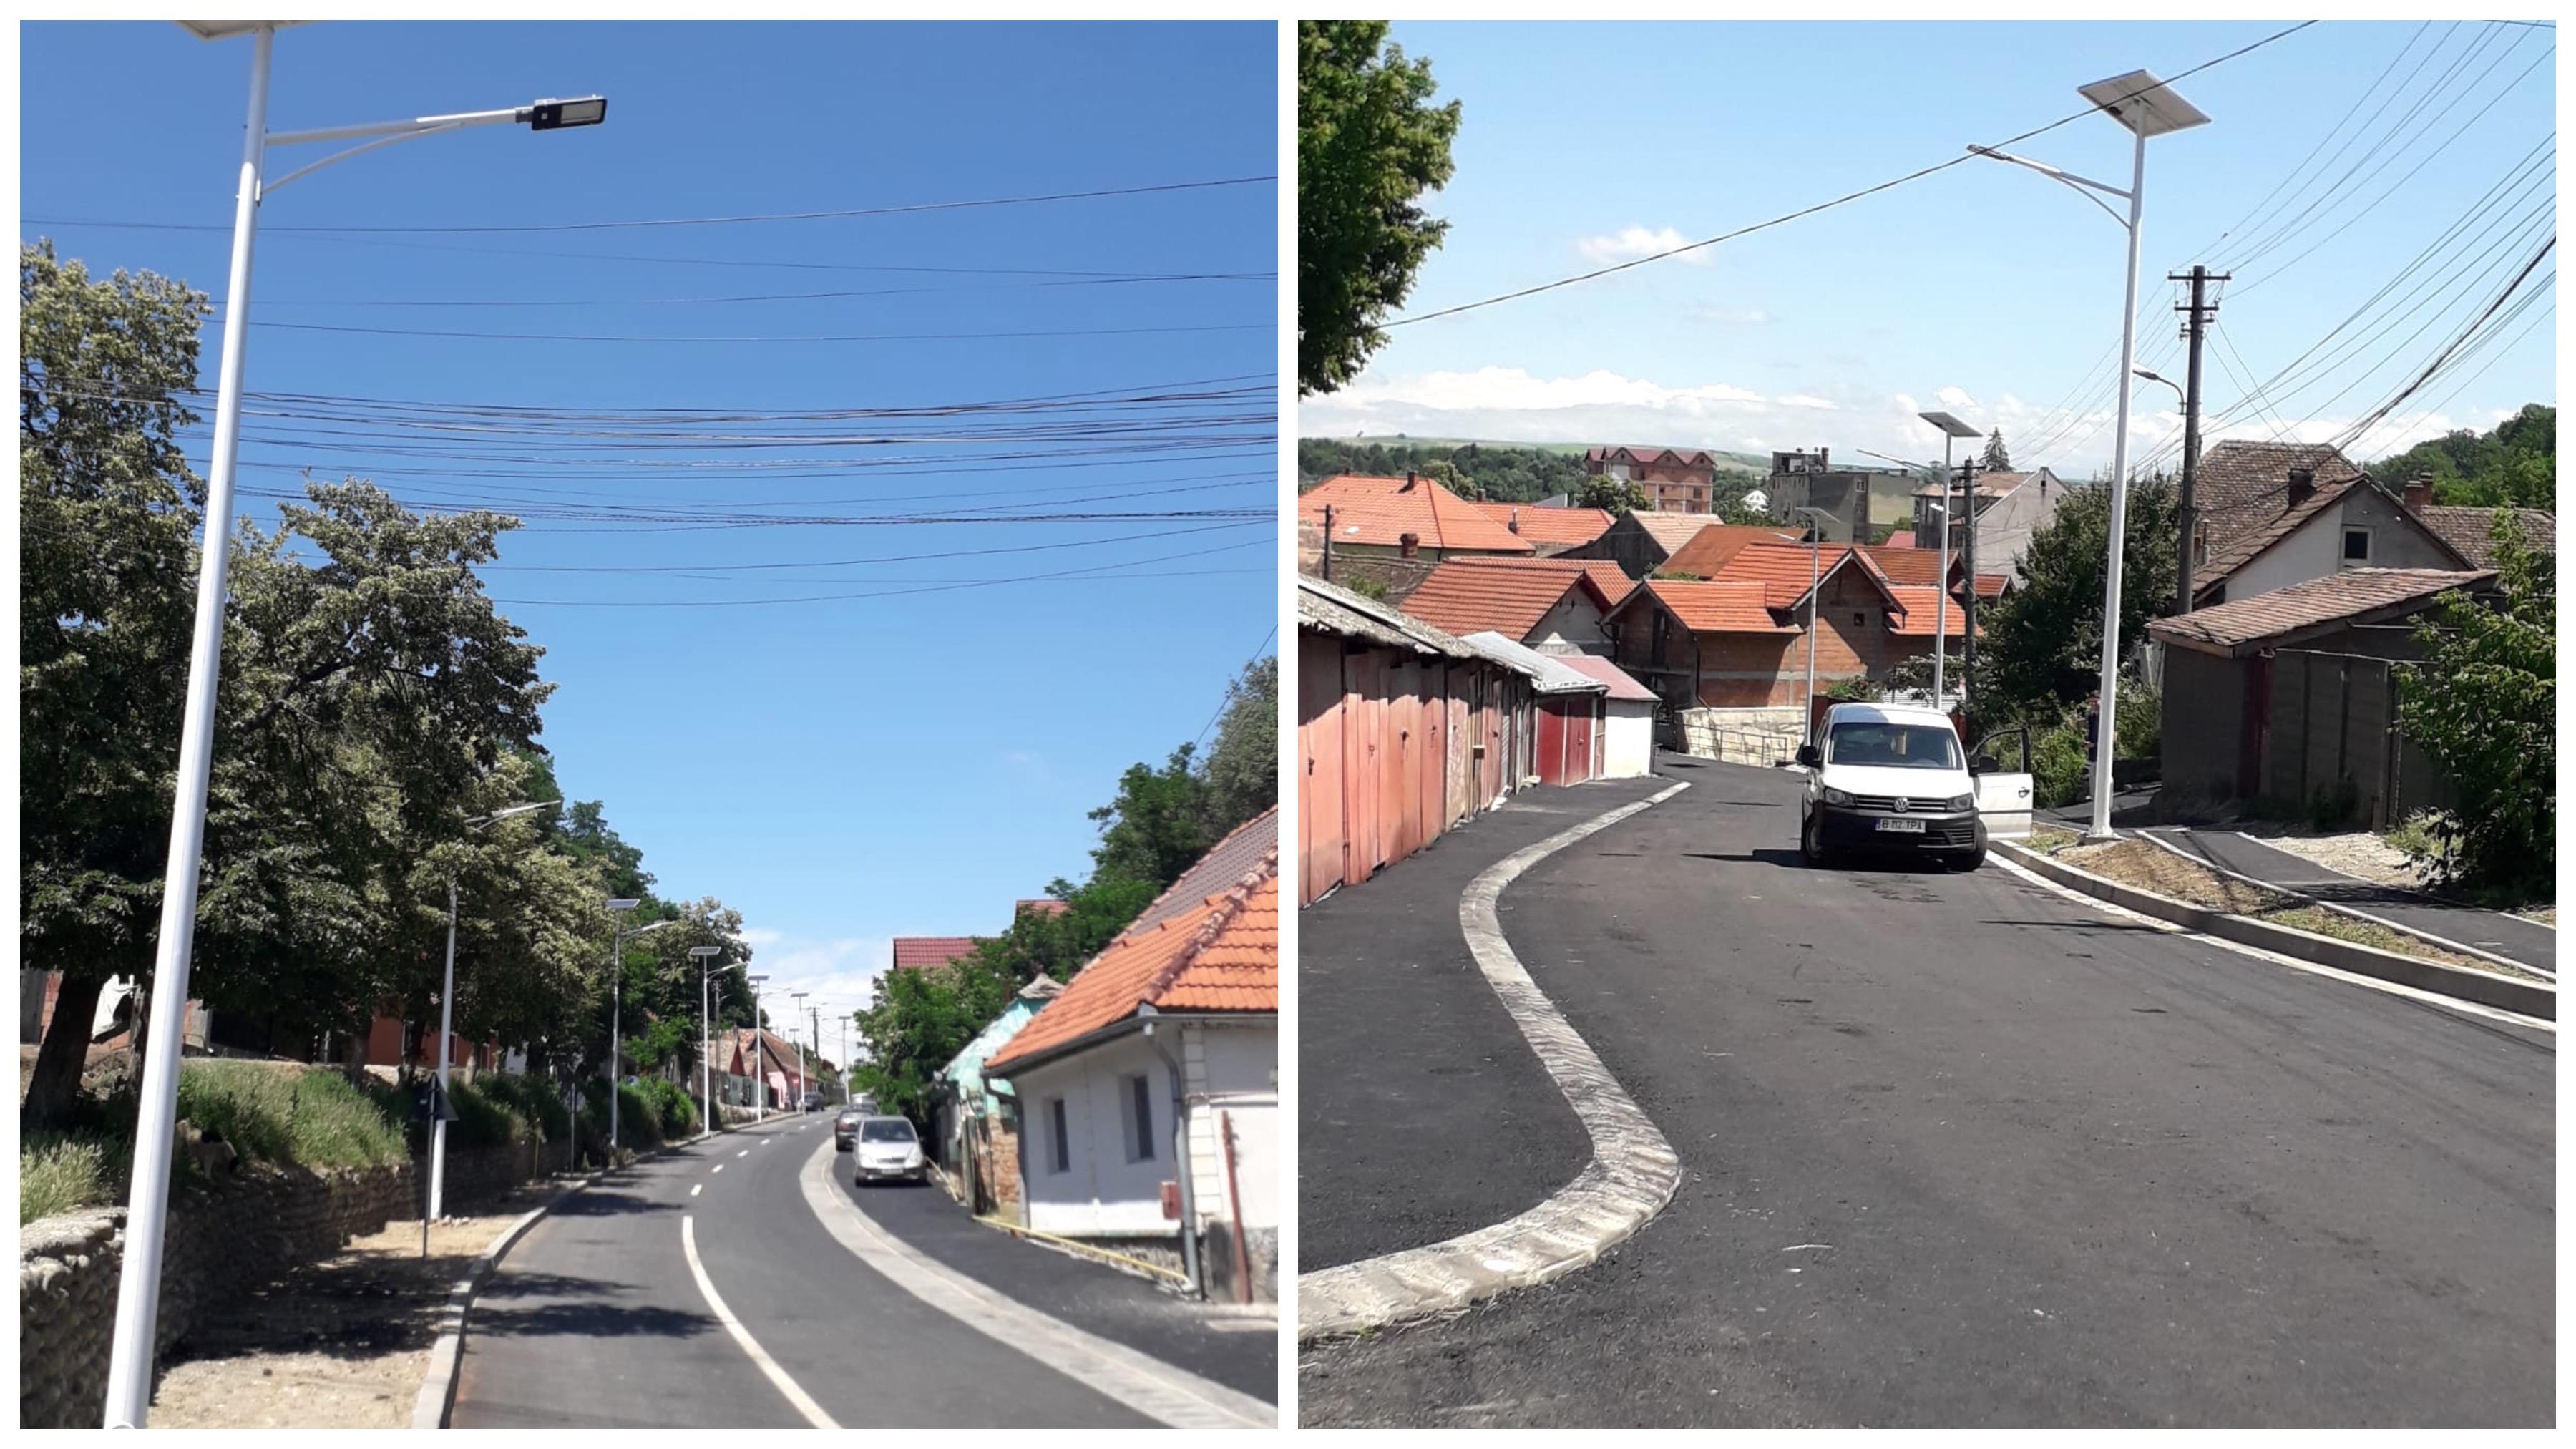 Infrastructura Ocnei Sibiului, modernizată din fonduri europene: de la străzi, la aparate de aerosoli și facilități sportive